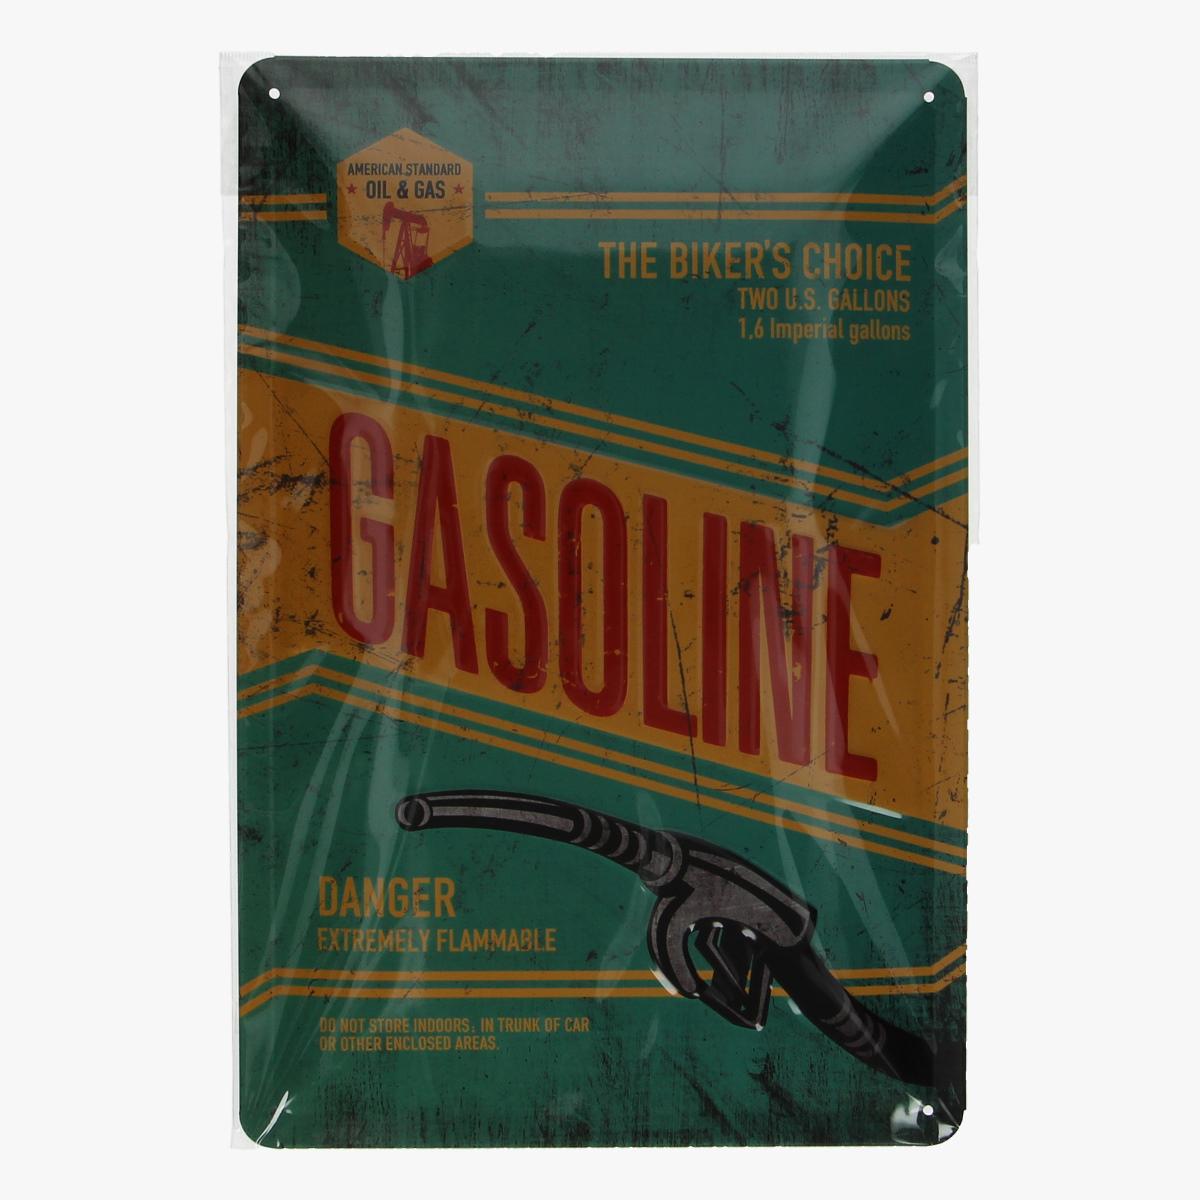 Afbeeldingen van blikken bordje GASOLINE  geseald